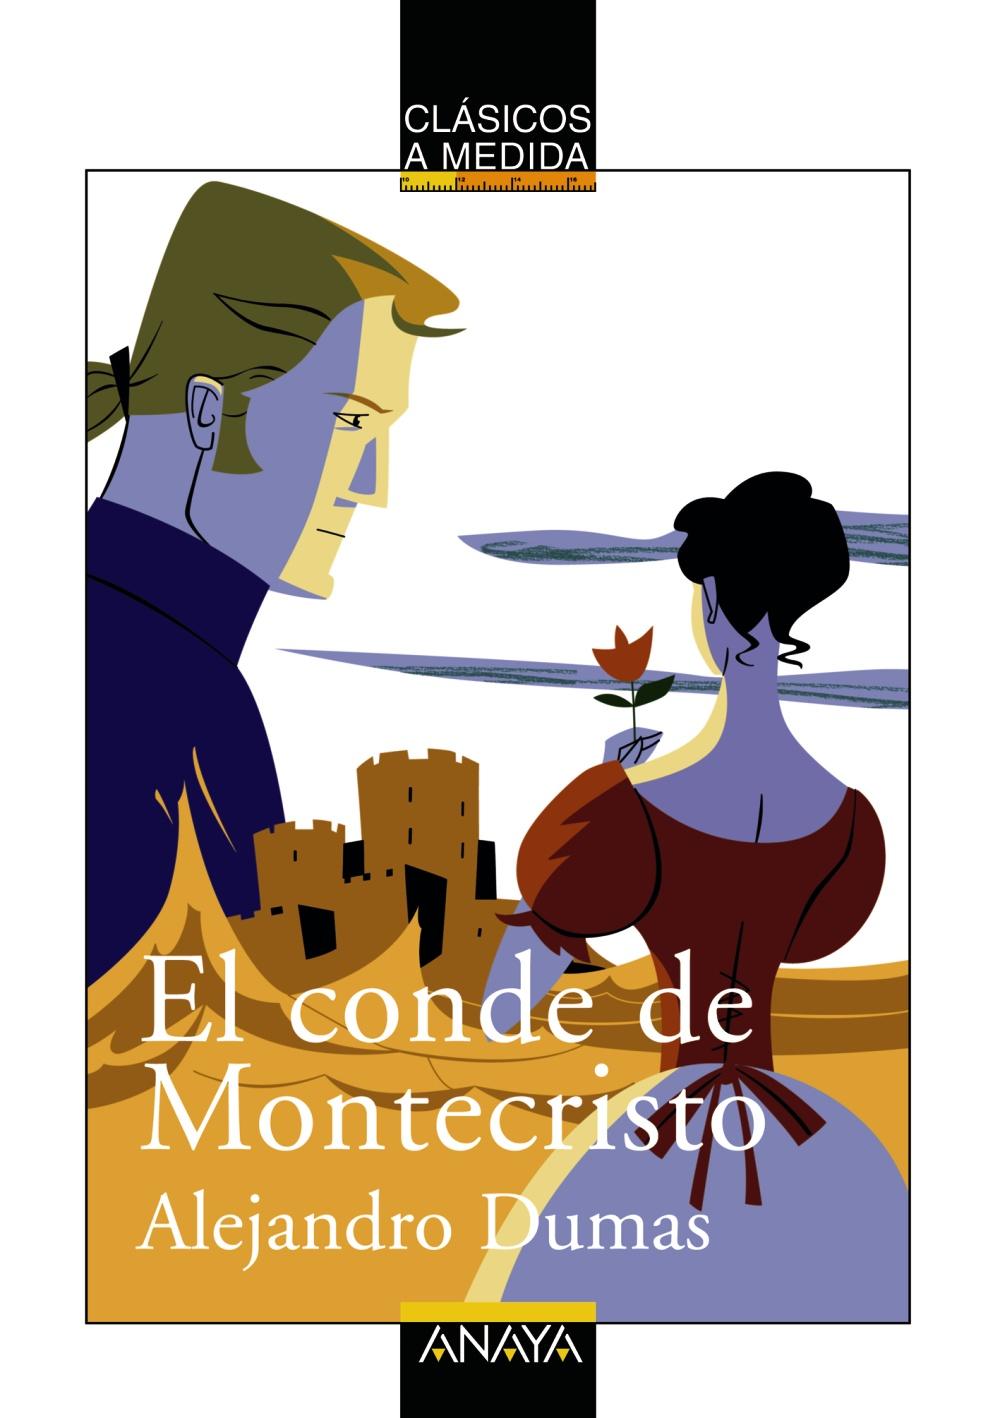 El conde de montecristo clasicos a medida alexandre dumas 9788466762557